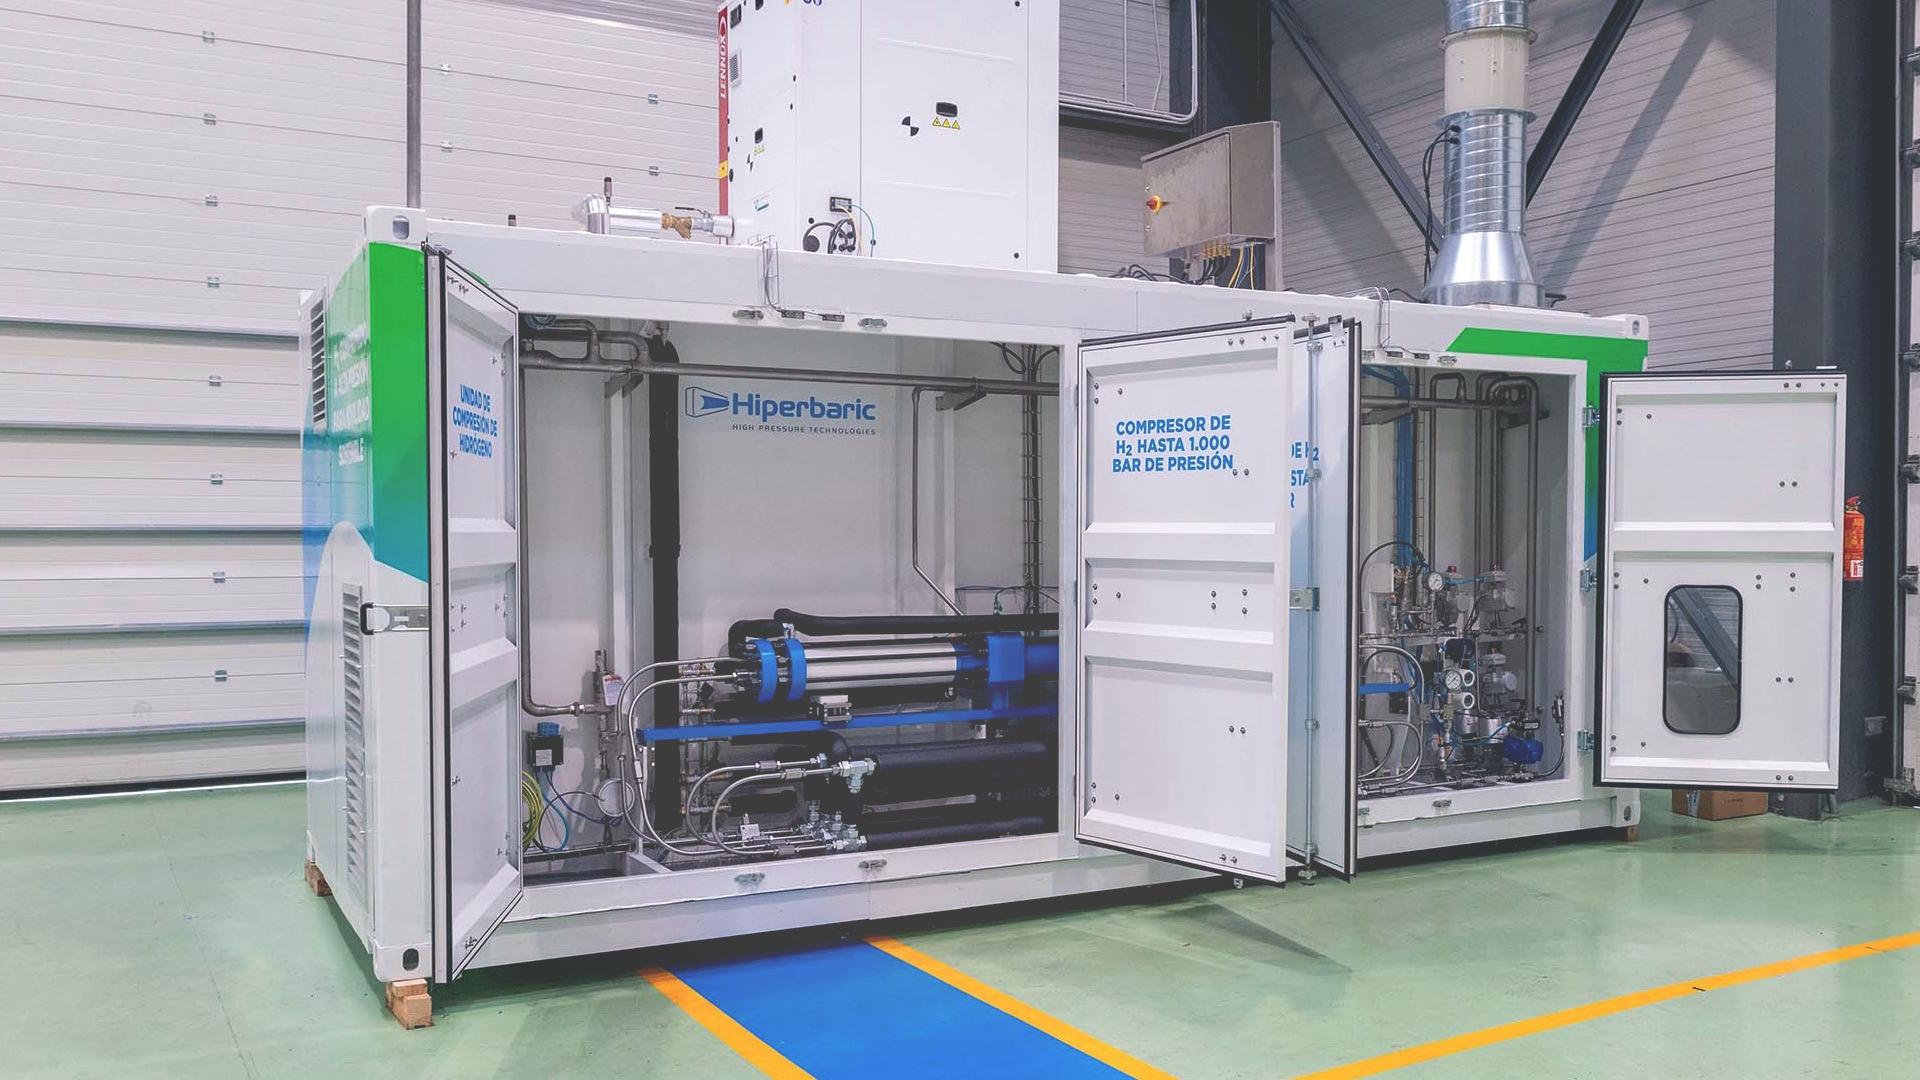 HIPERBARIC entrega el primer compresor español de hidrógeno alta presión para movilidad sostenible